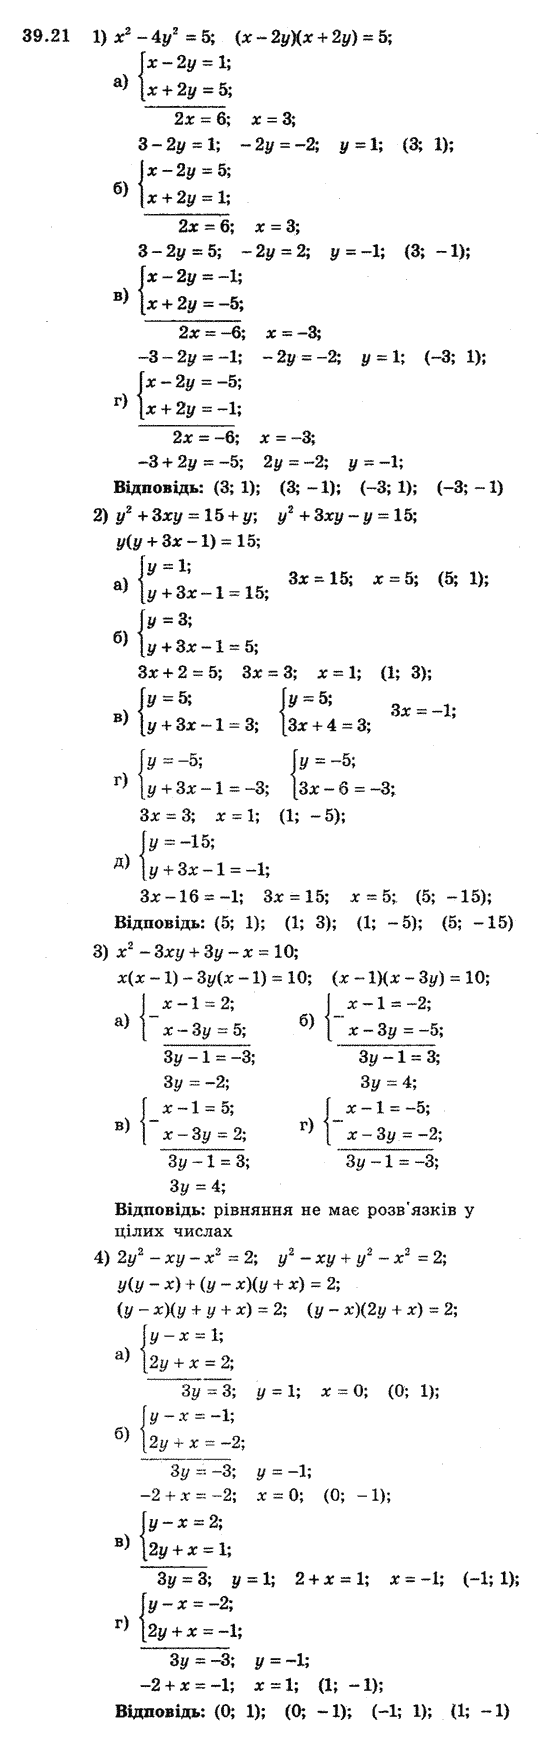 Гдз алгебра 8 класс поглиблене